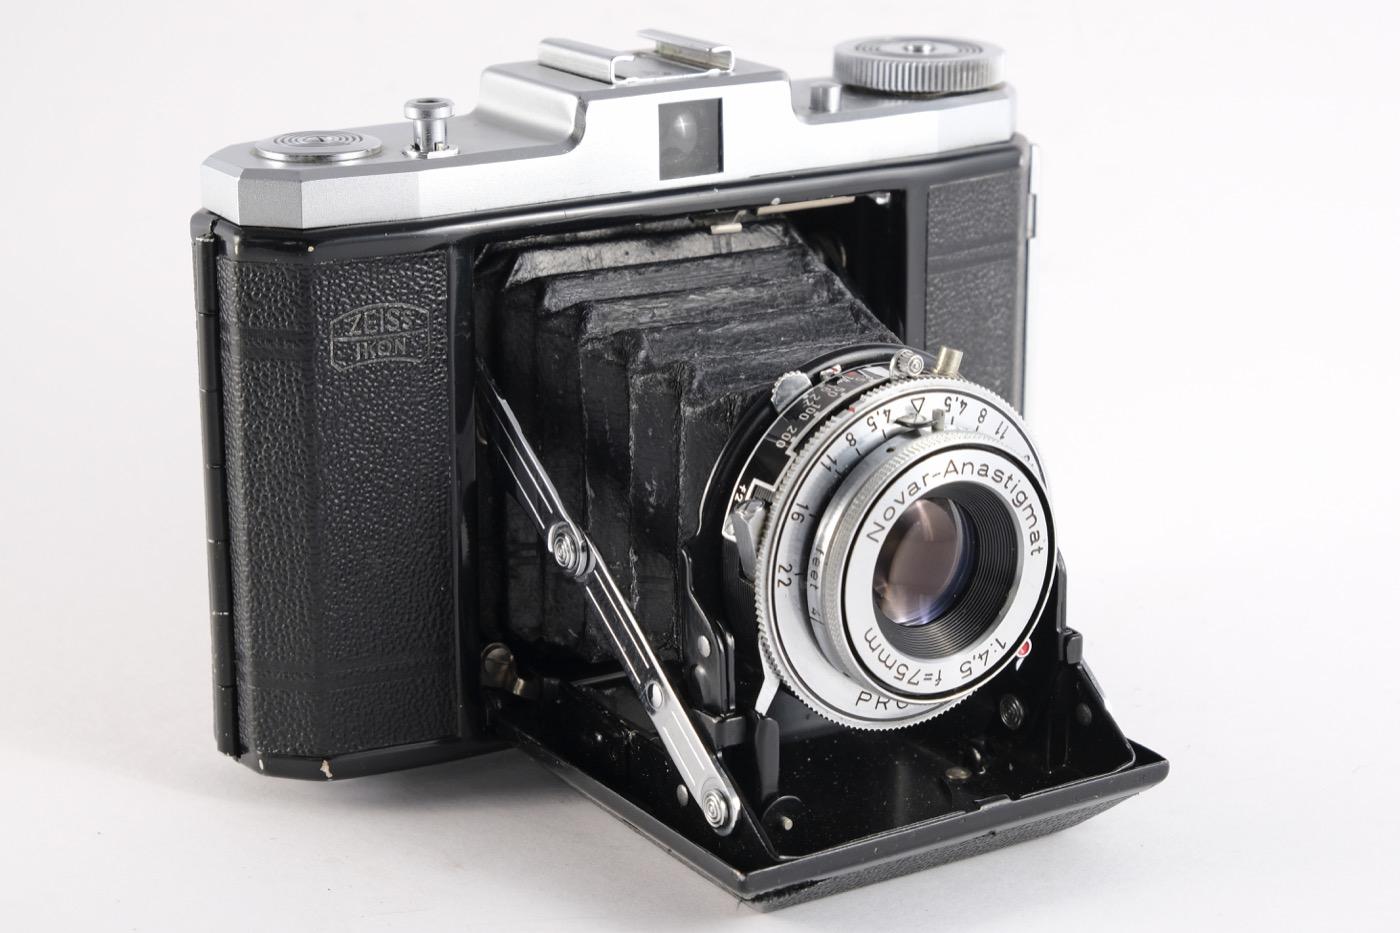 Zeiss Ikon Nettar IIb 518/16 camera